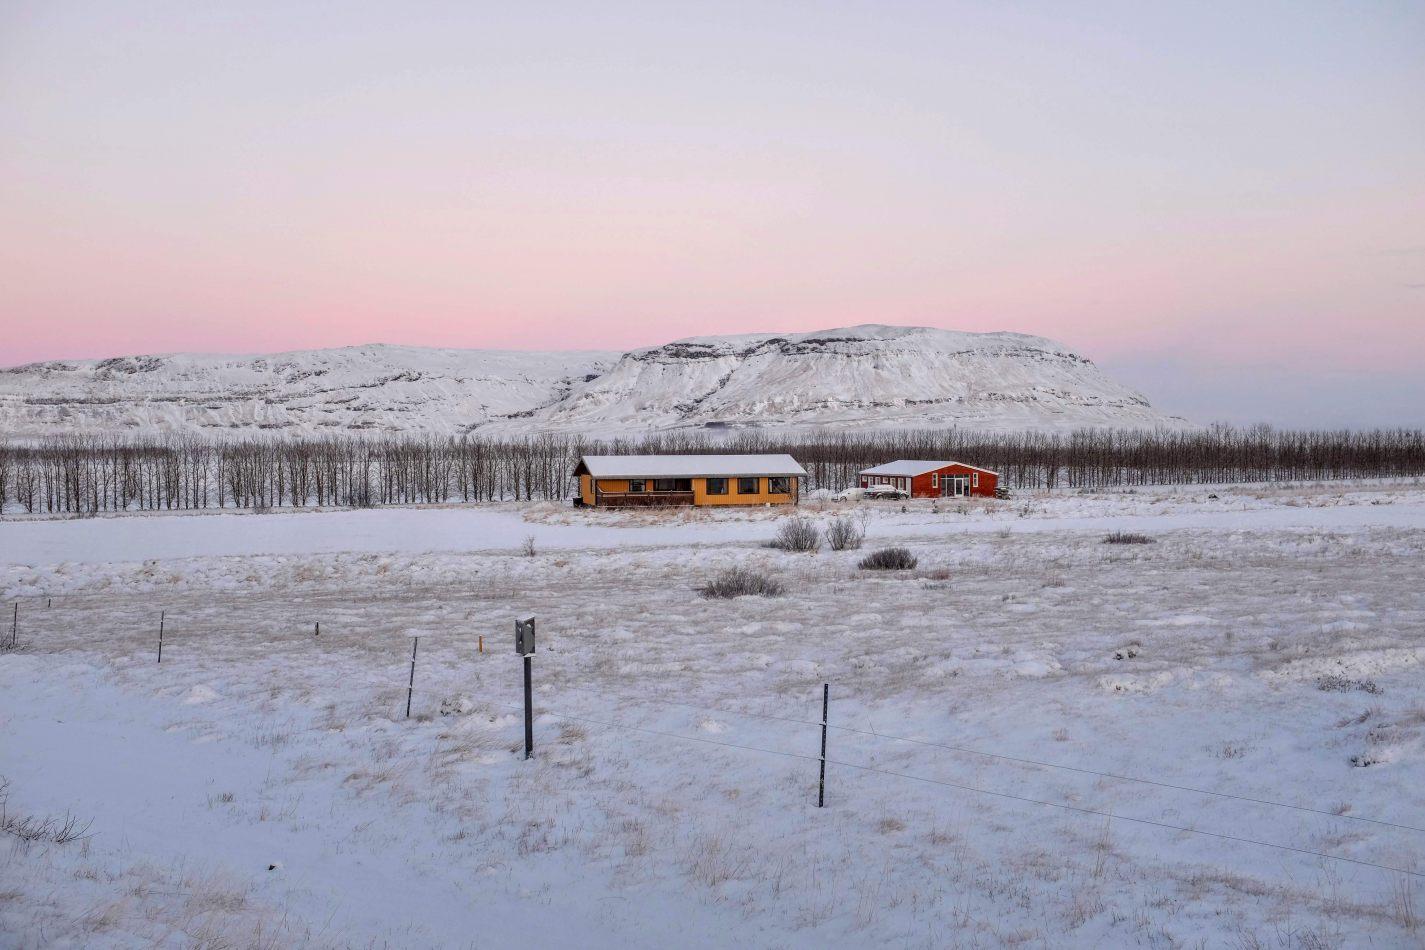 Hibiscus & Nomada : Iceland - Sunrise in Iceland